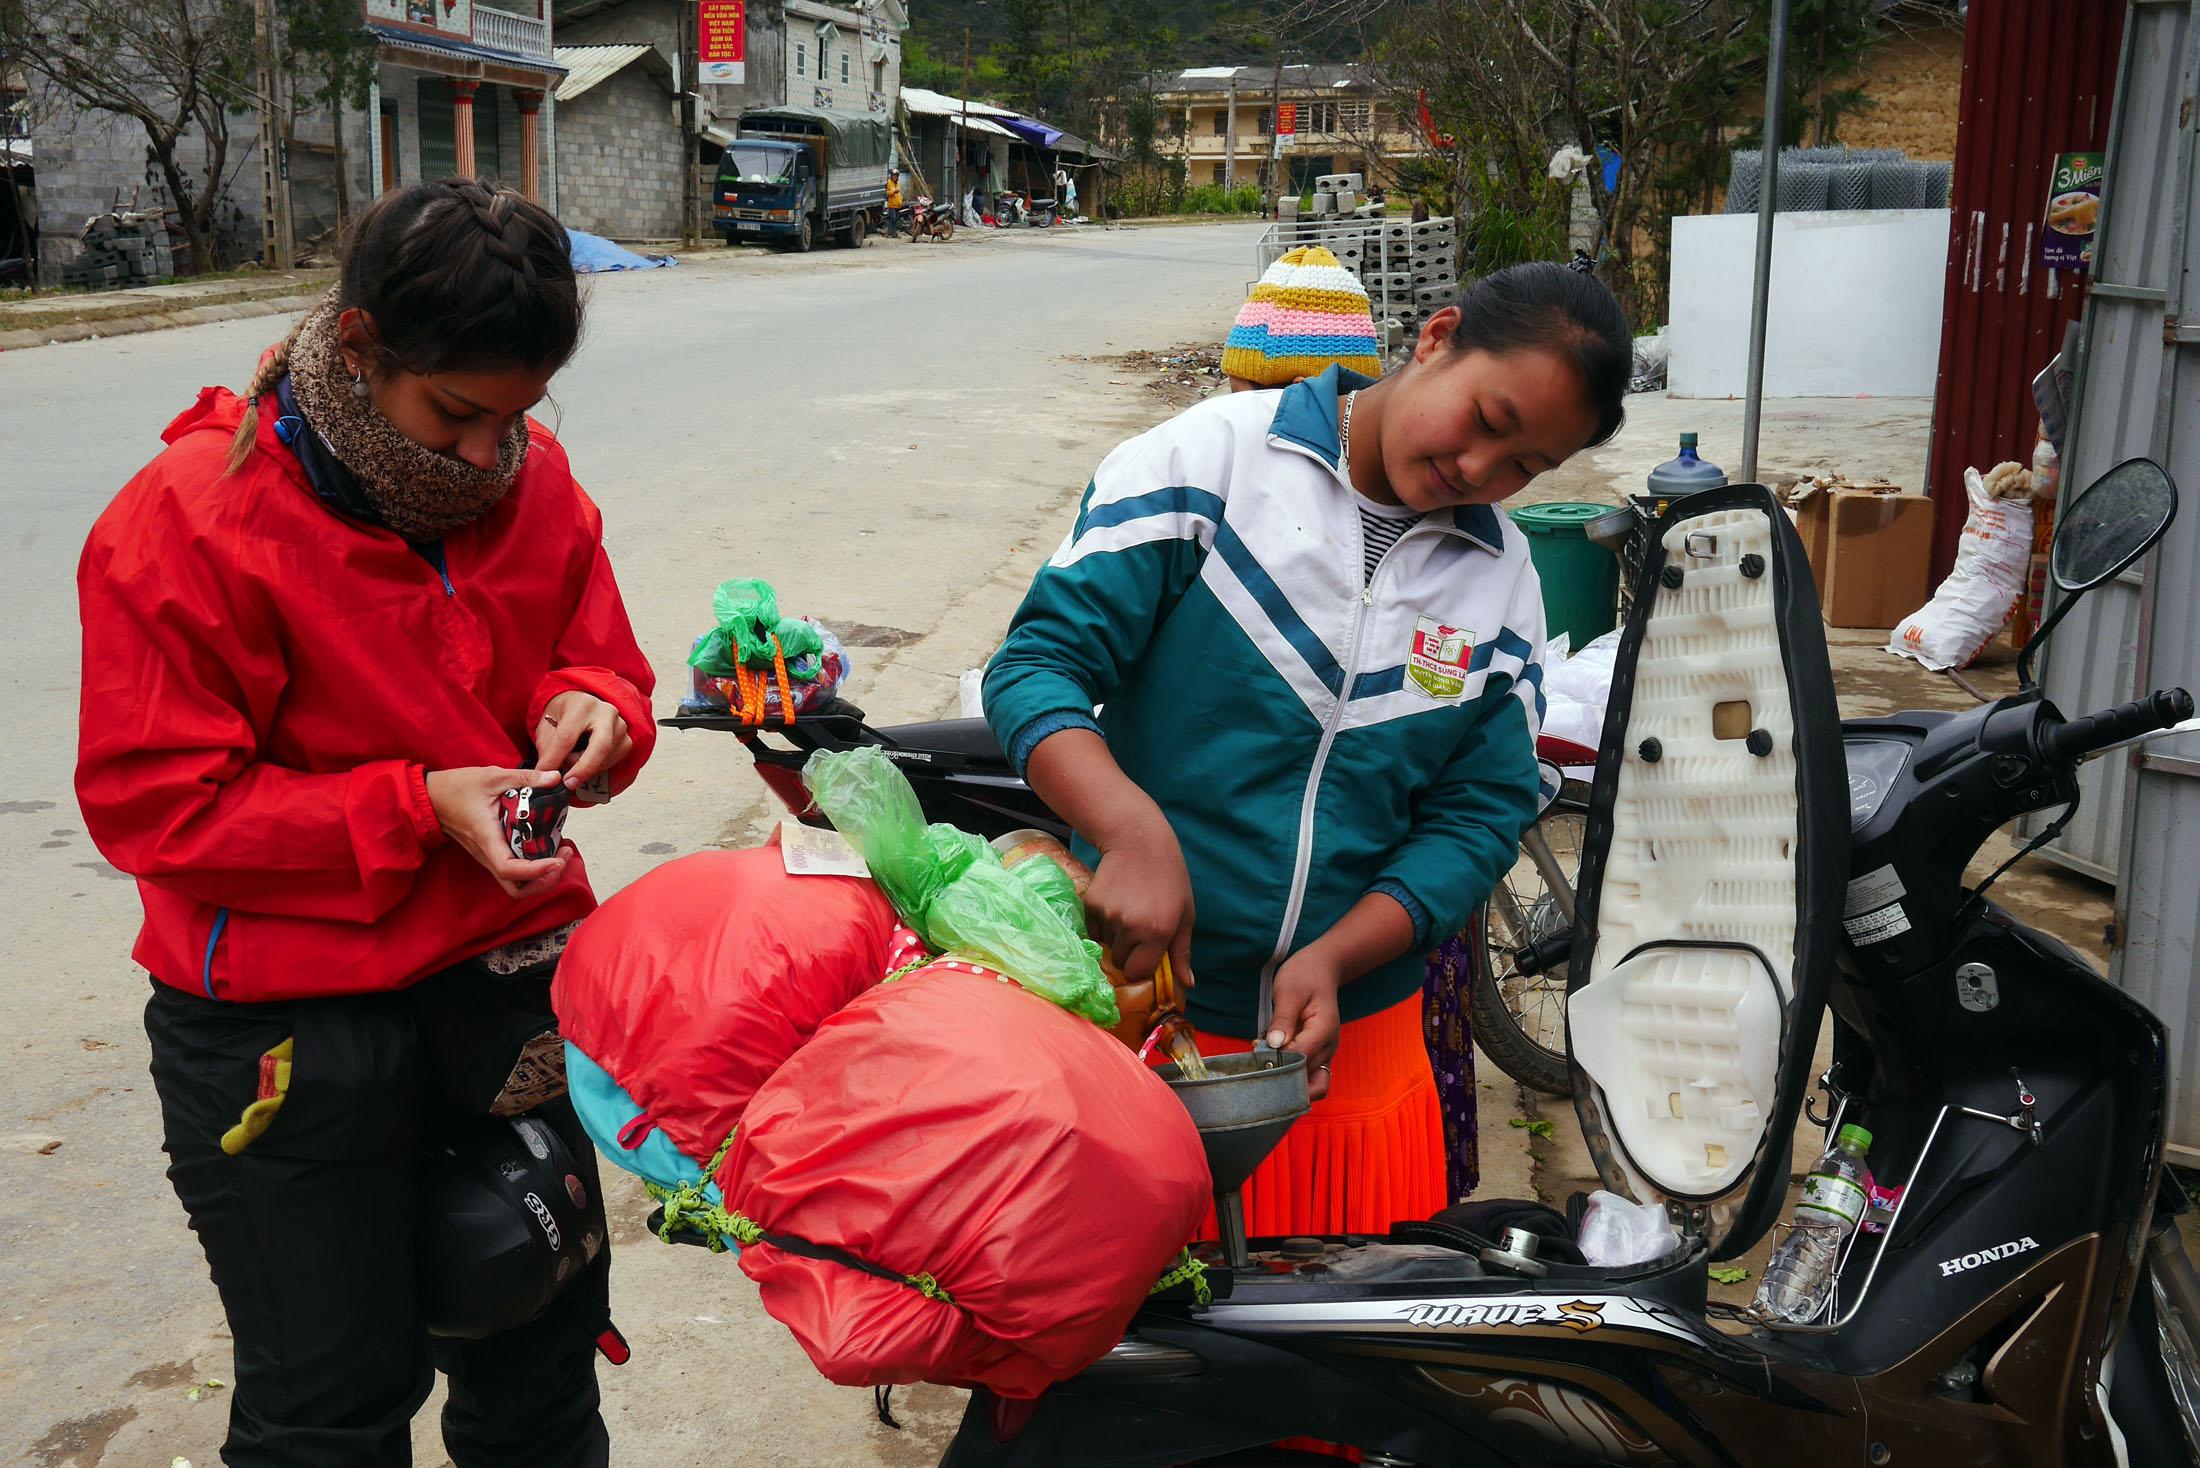 Pausa pra abastecer. Na falta de postos de combustível muitos locais vendem o precioso líquido na porta de suas casas.